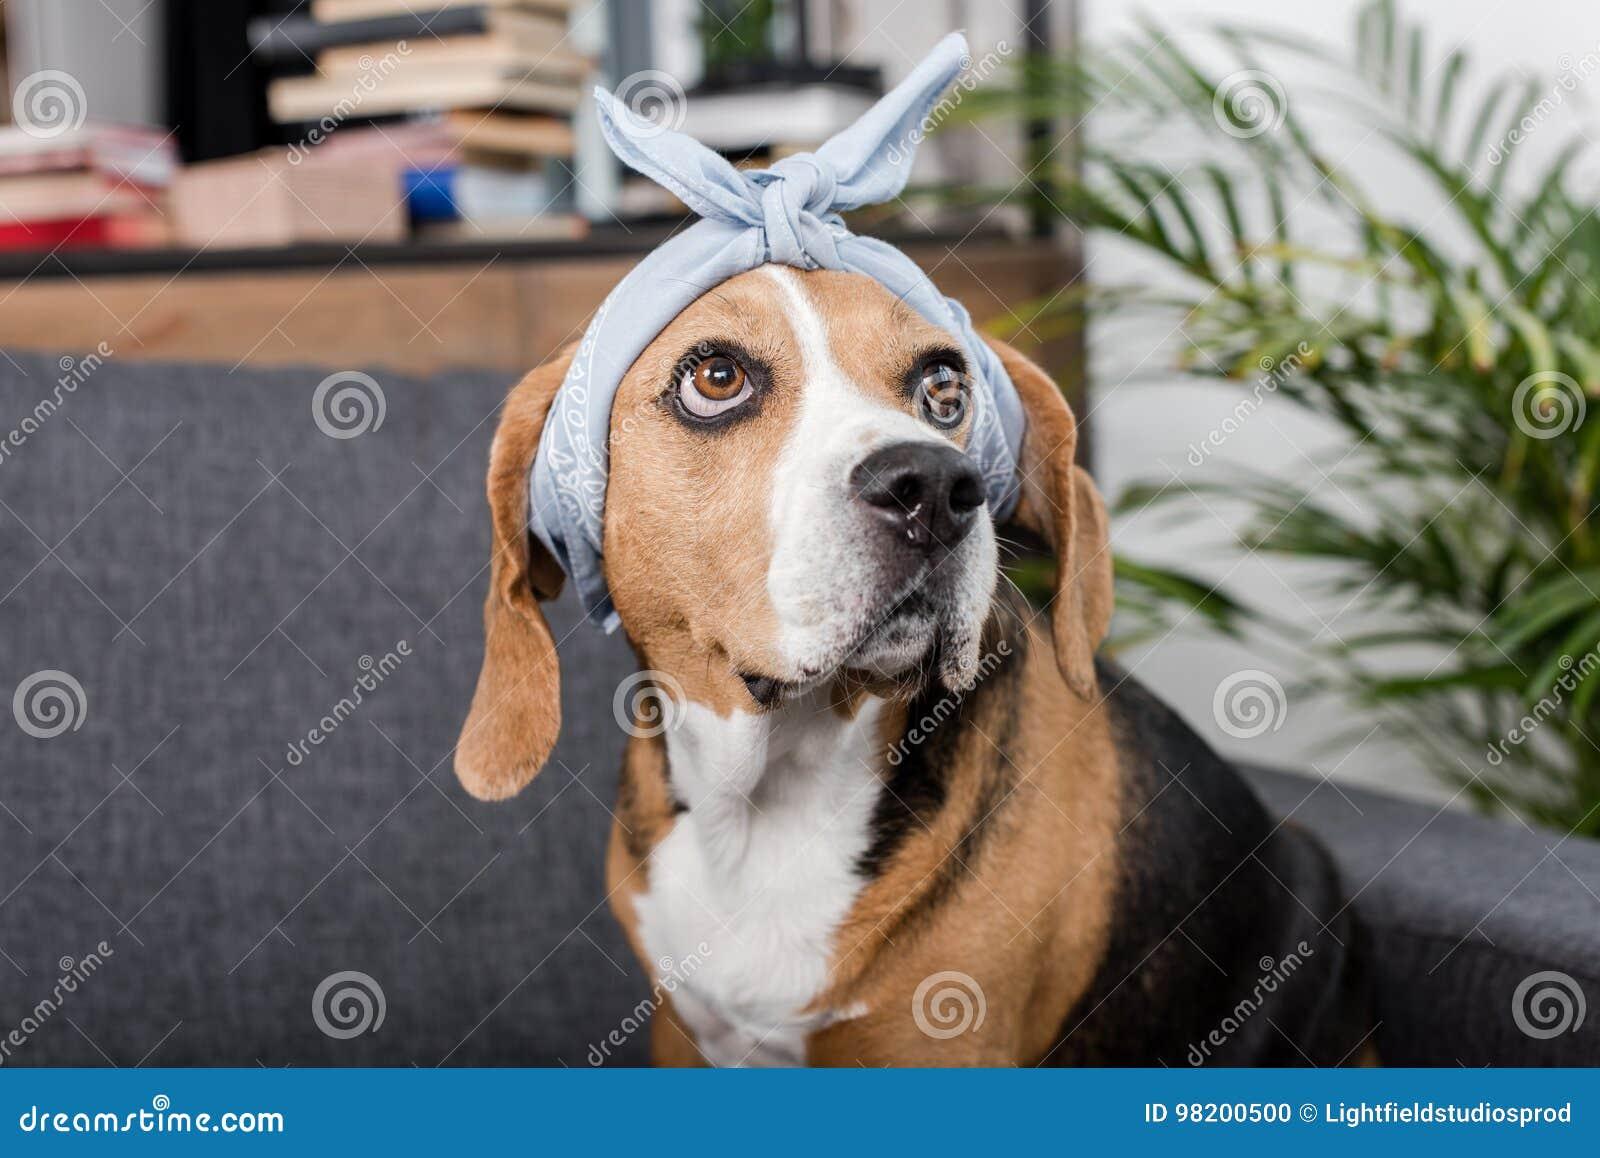 Download Собака бигля в сером Bandana сидя дома Стоковое Фото - изображение насчитывающей блестящий, peed: 98200500